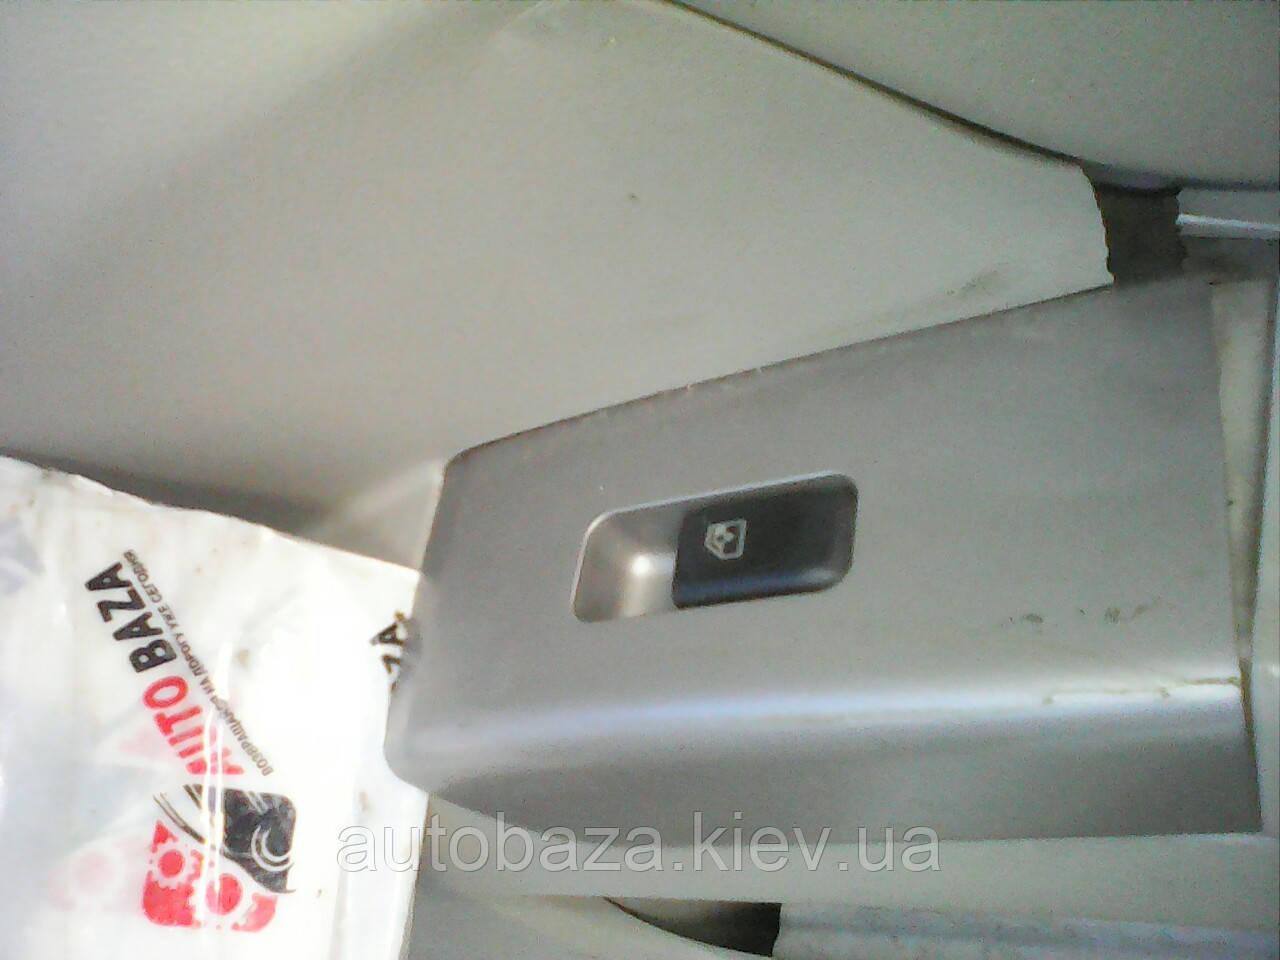 Кнопка стеклоподьемника передней правой двери Geely Emgrand EC71067002336   ro-040